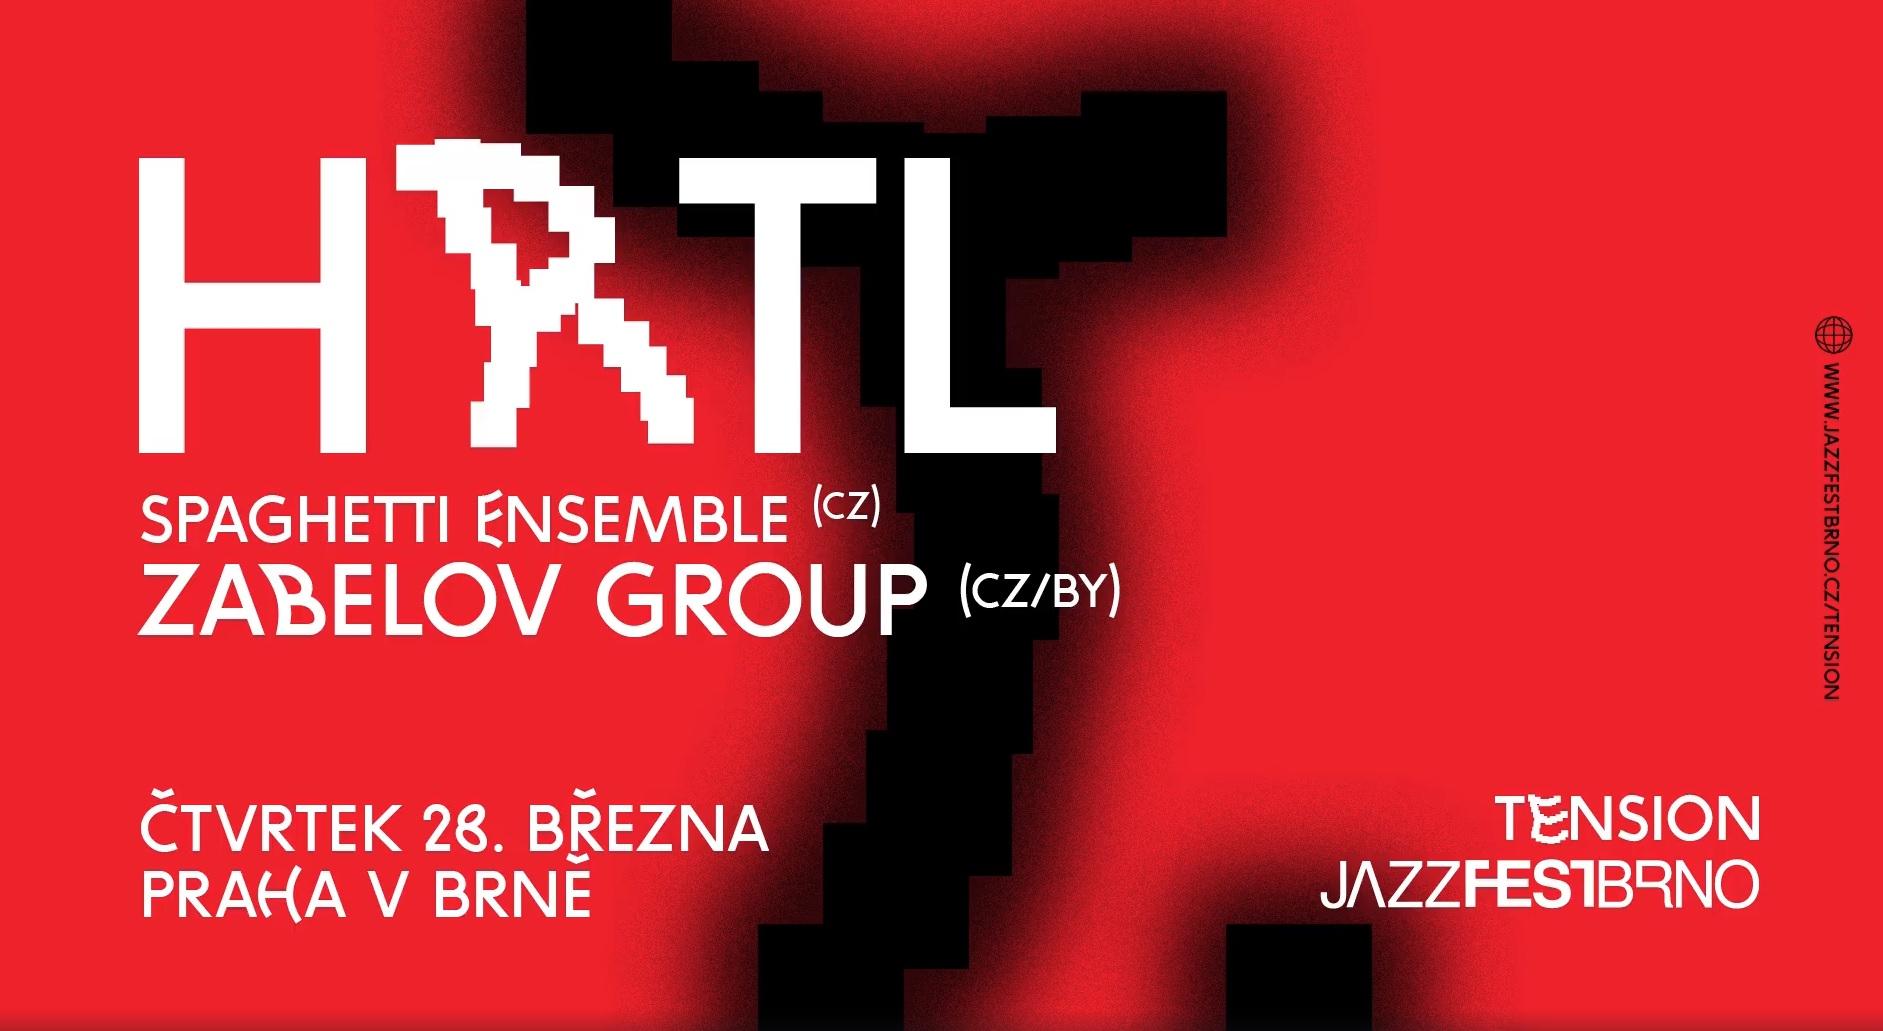 ČT / 28.3. / 20.00 / Tension: Zabelov Group + HRTL Spaghetti Ensemble / koncert